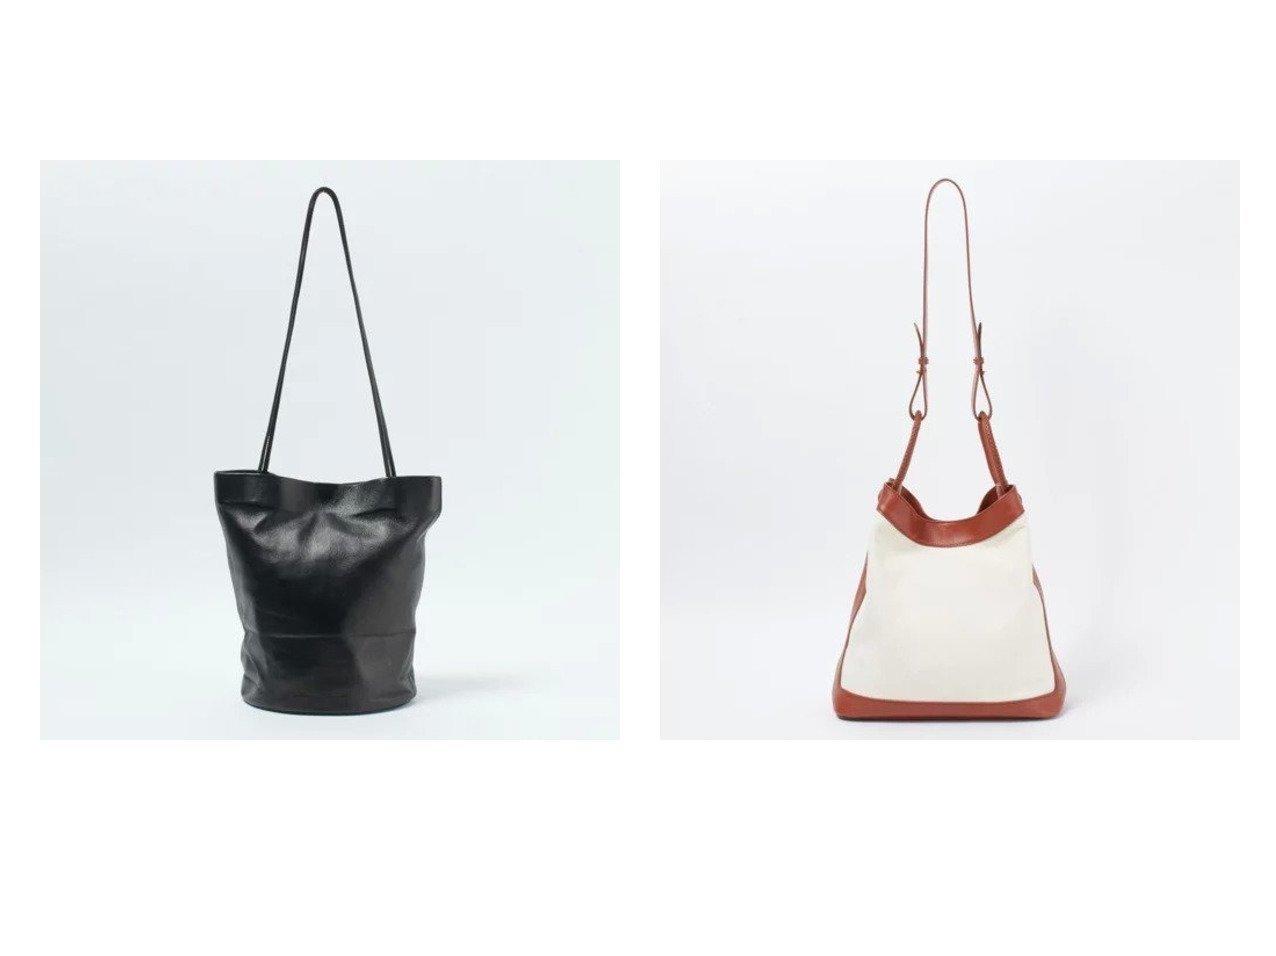 【MODERN WEAVING/モダン ウィーヴィング】のラムレザートート&【elleme/エレメ】のキャンバス レザーバッグ 【バッグ・鞄】おすすめ!人気、トレンド・レディースファッションの通販 おすすめで人気の流行・トレンド、ファッションの通販商品 メンズファッション・キッズファッション・インテリア・家具・レディースファッション・服の通販 founy(ファニー) https://founy.com/ 雑誌掲載アイテム Magazine Items ファッション雑誌 Fashion Magazines エクラ eclat ファッション Fashion レディースファッション WOMEN バッグ Bag 5月号 コンパクト 雑誌  ID:crp329100000035509